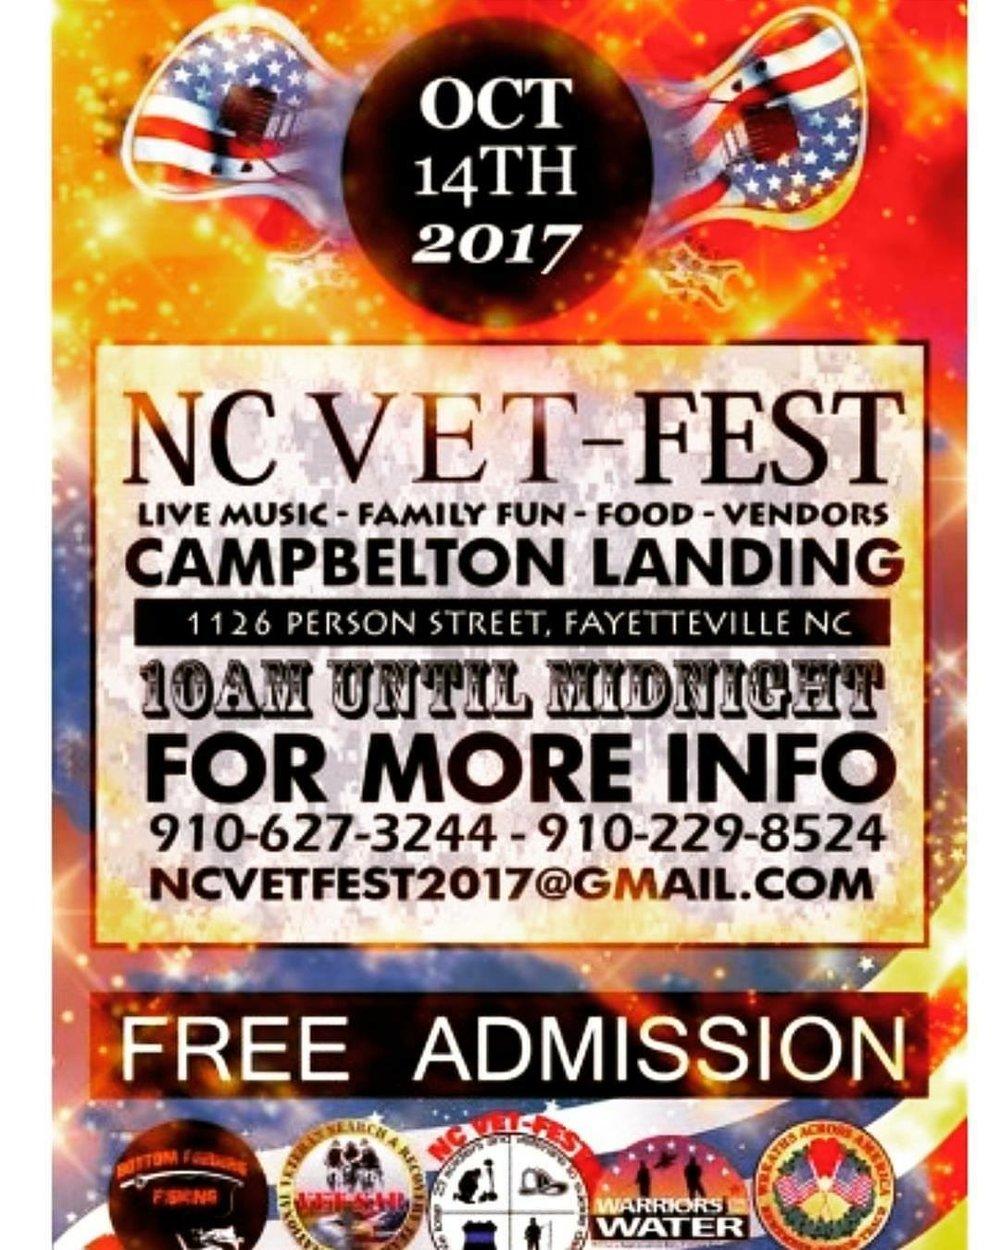 NC Vet-Fest